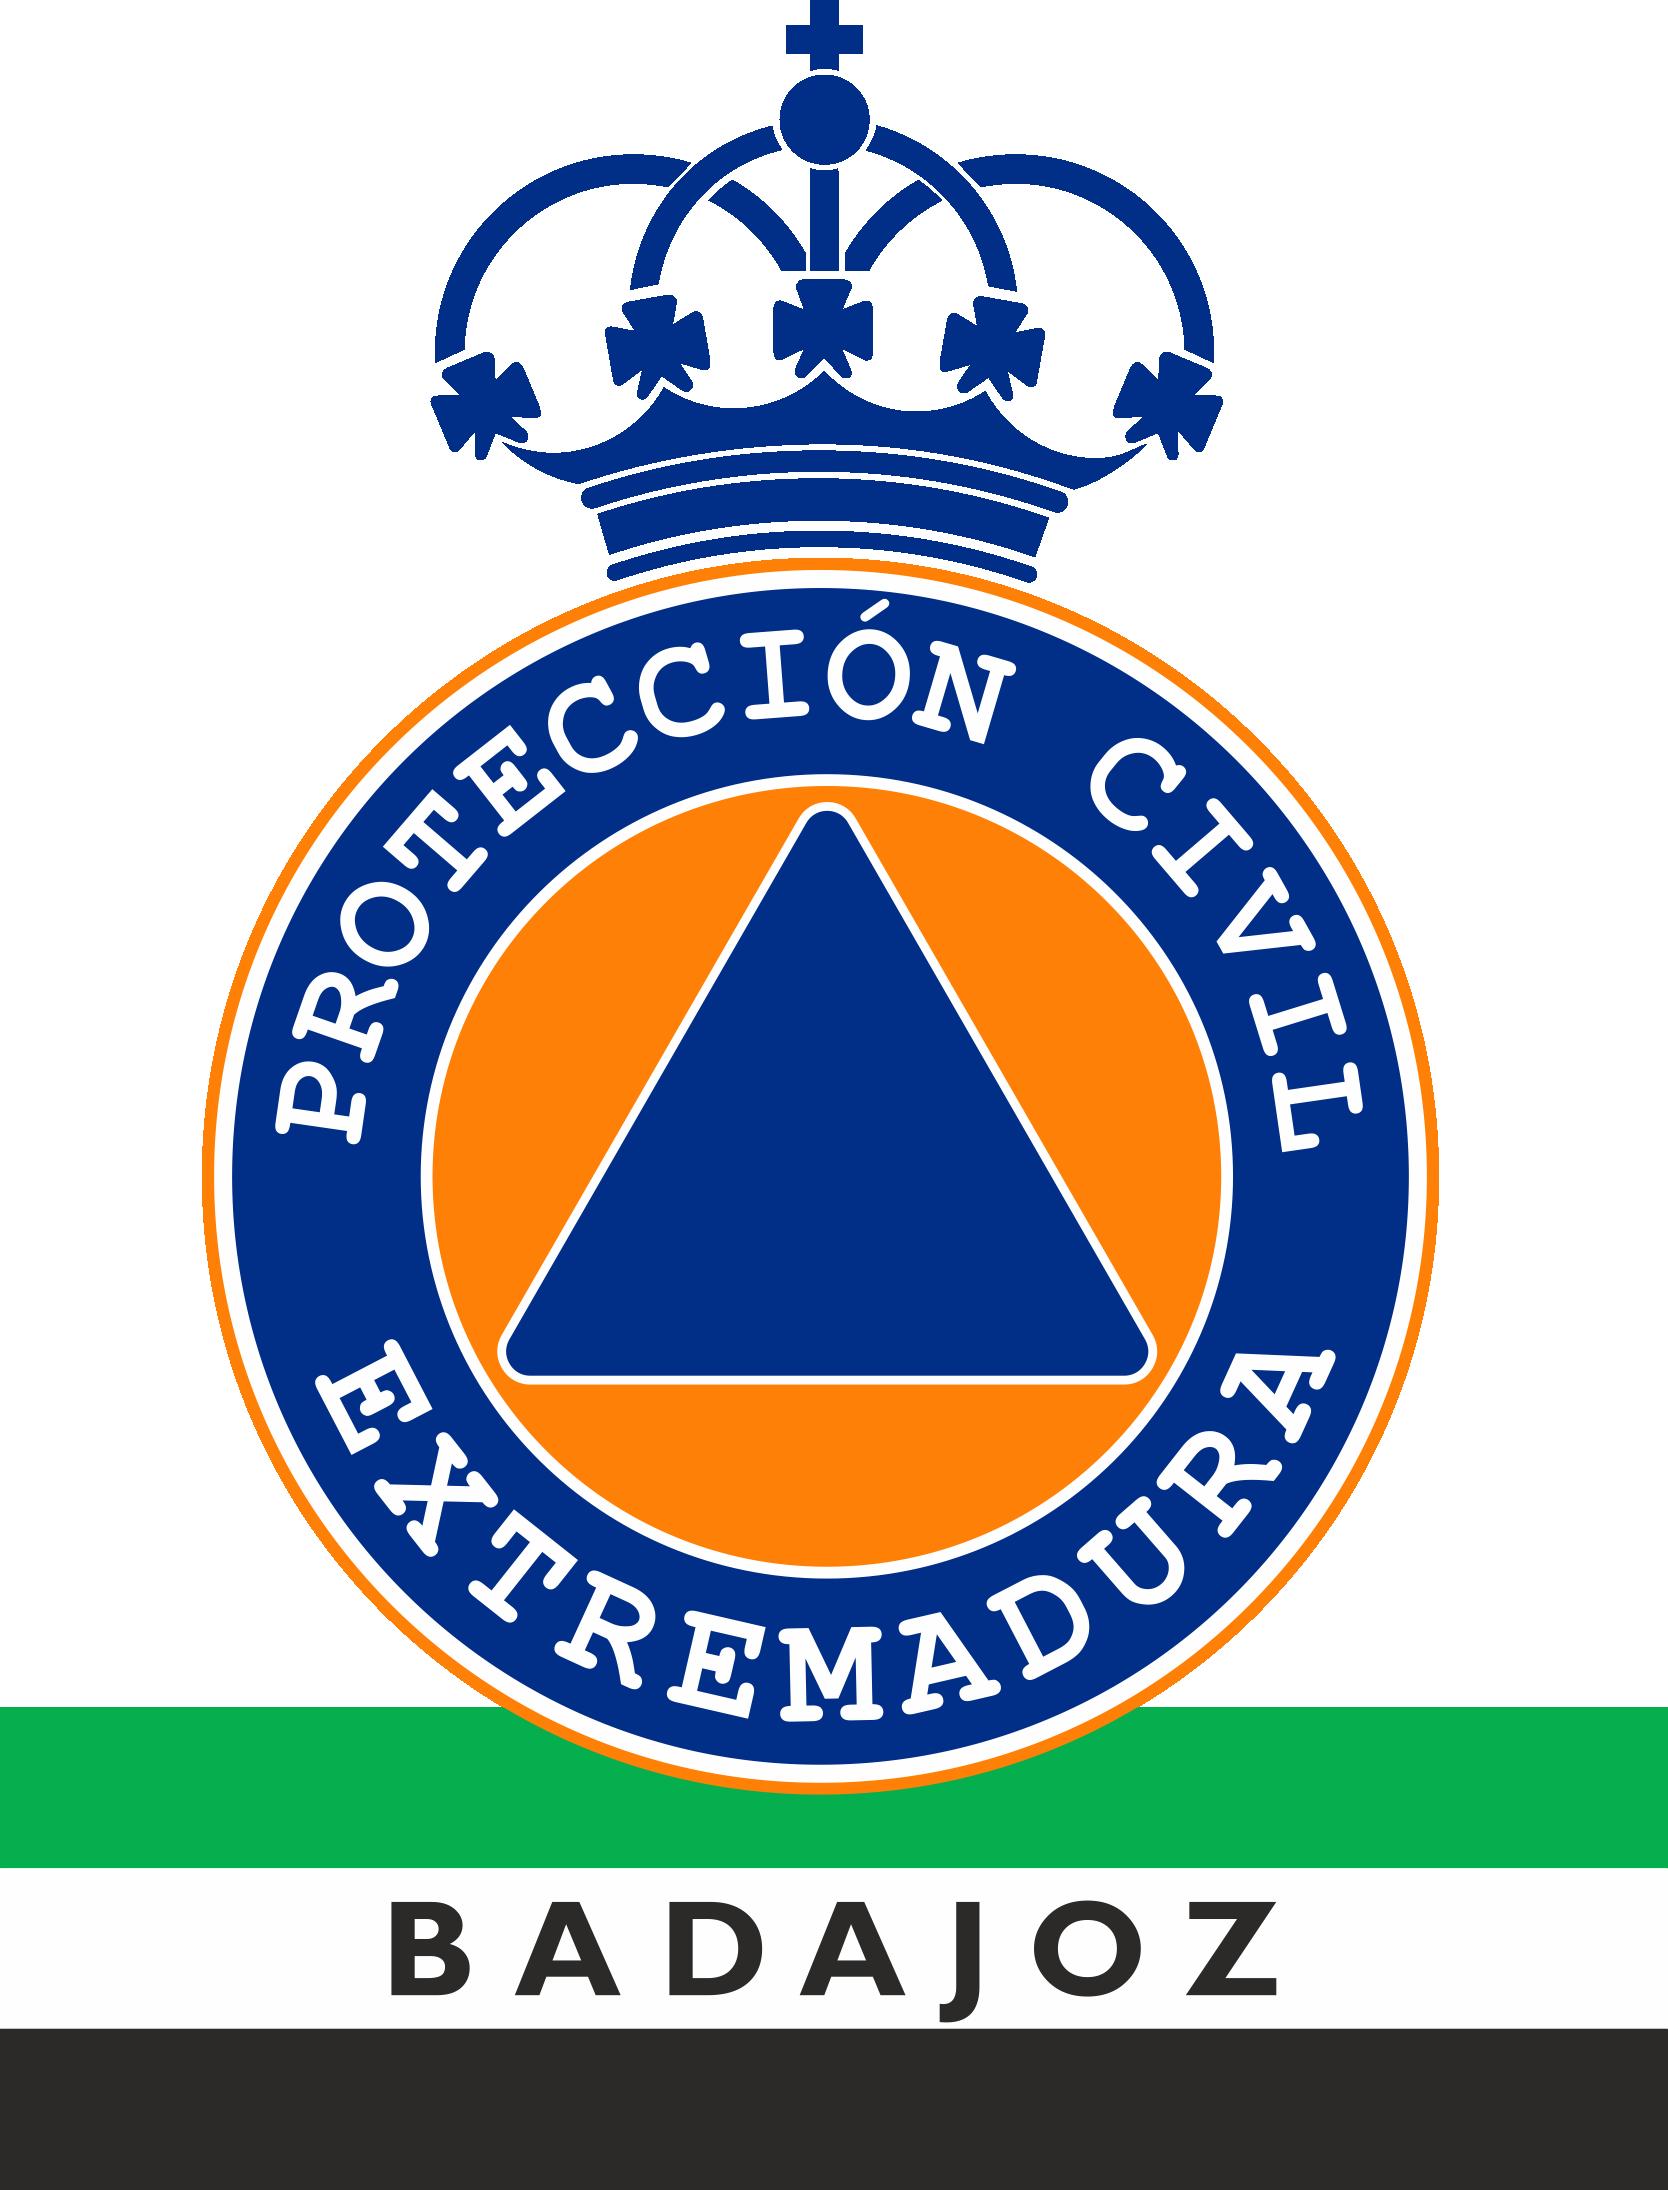 Agrupación de Voluntarios de Protección Civil de Badajoz